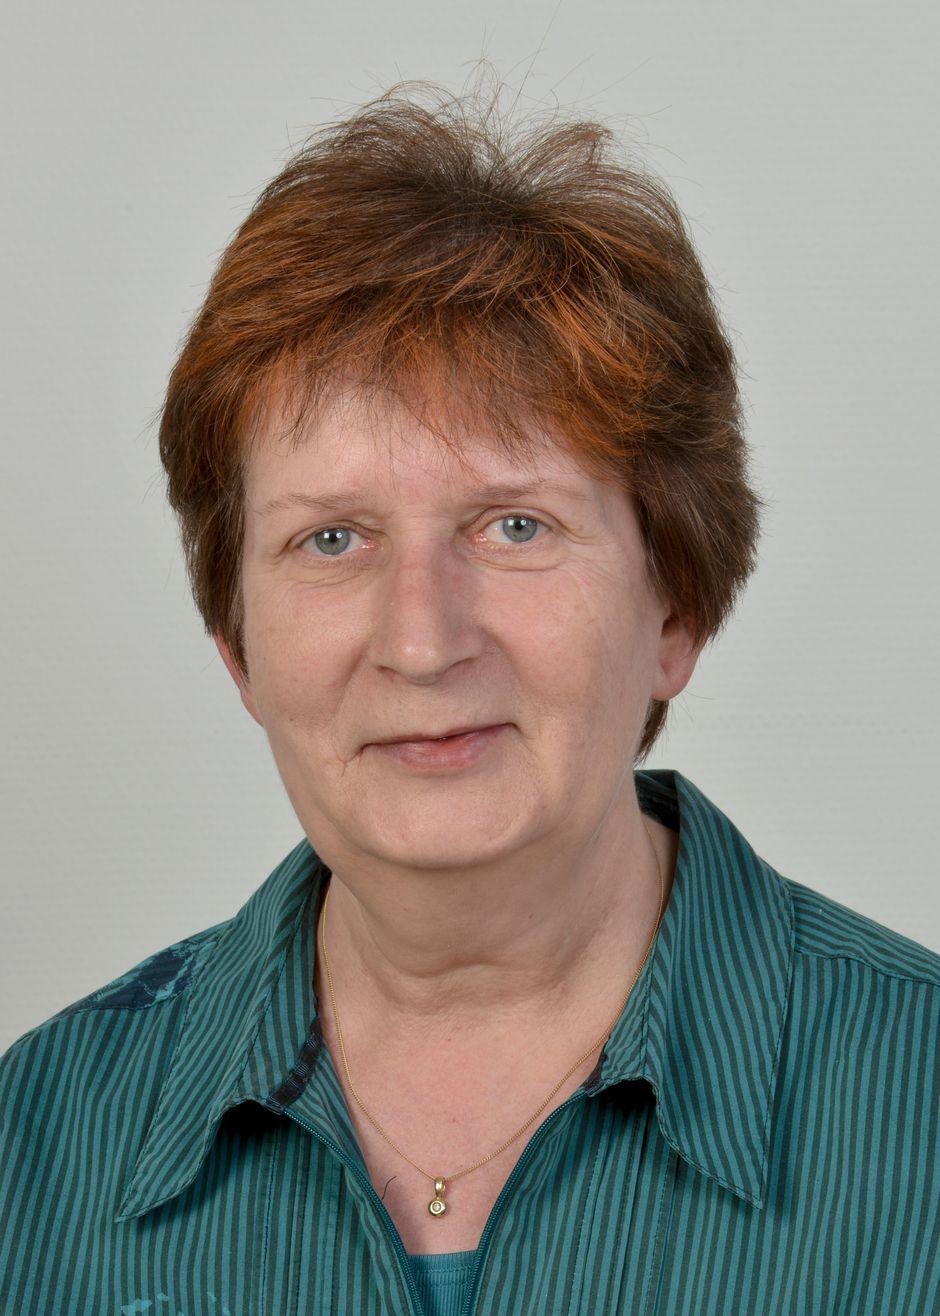 Rita Mikowski